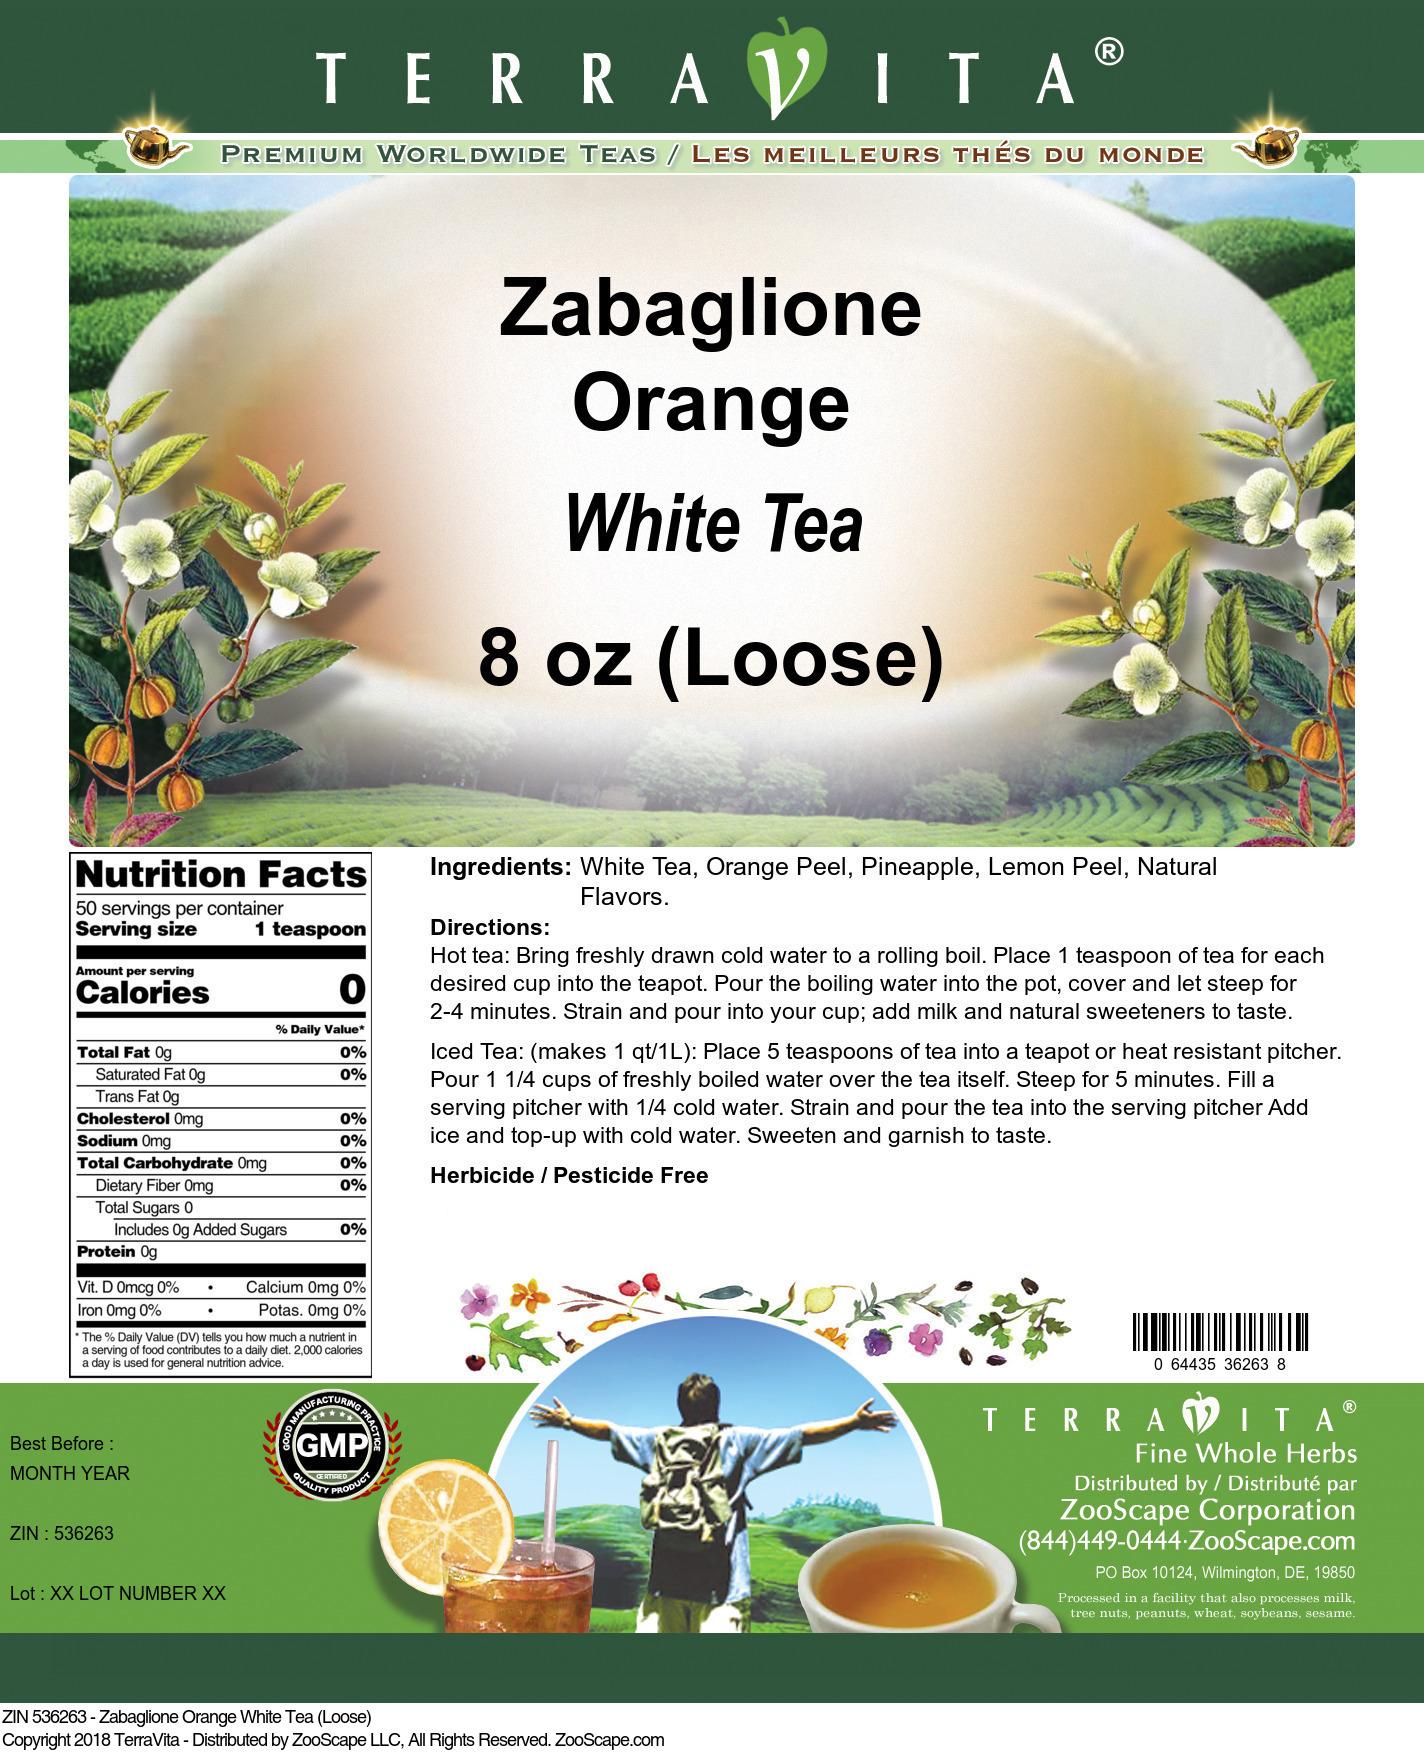 Zabaglione Orange White Tea (Loose)